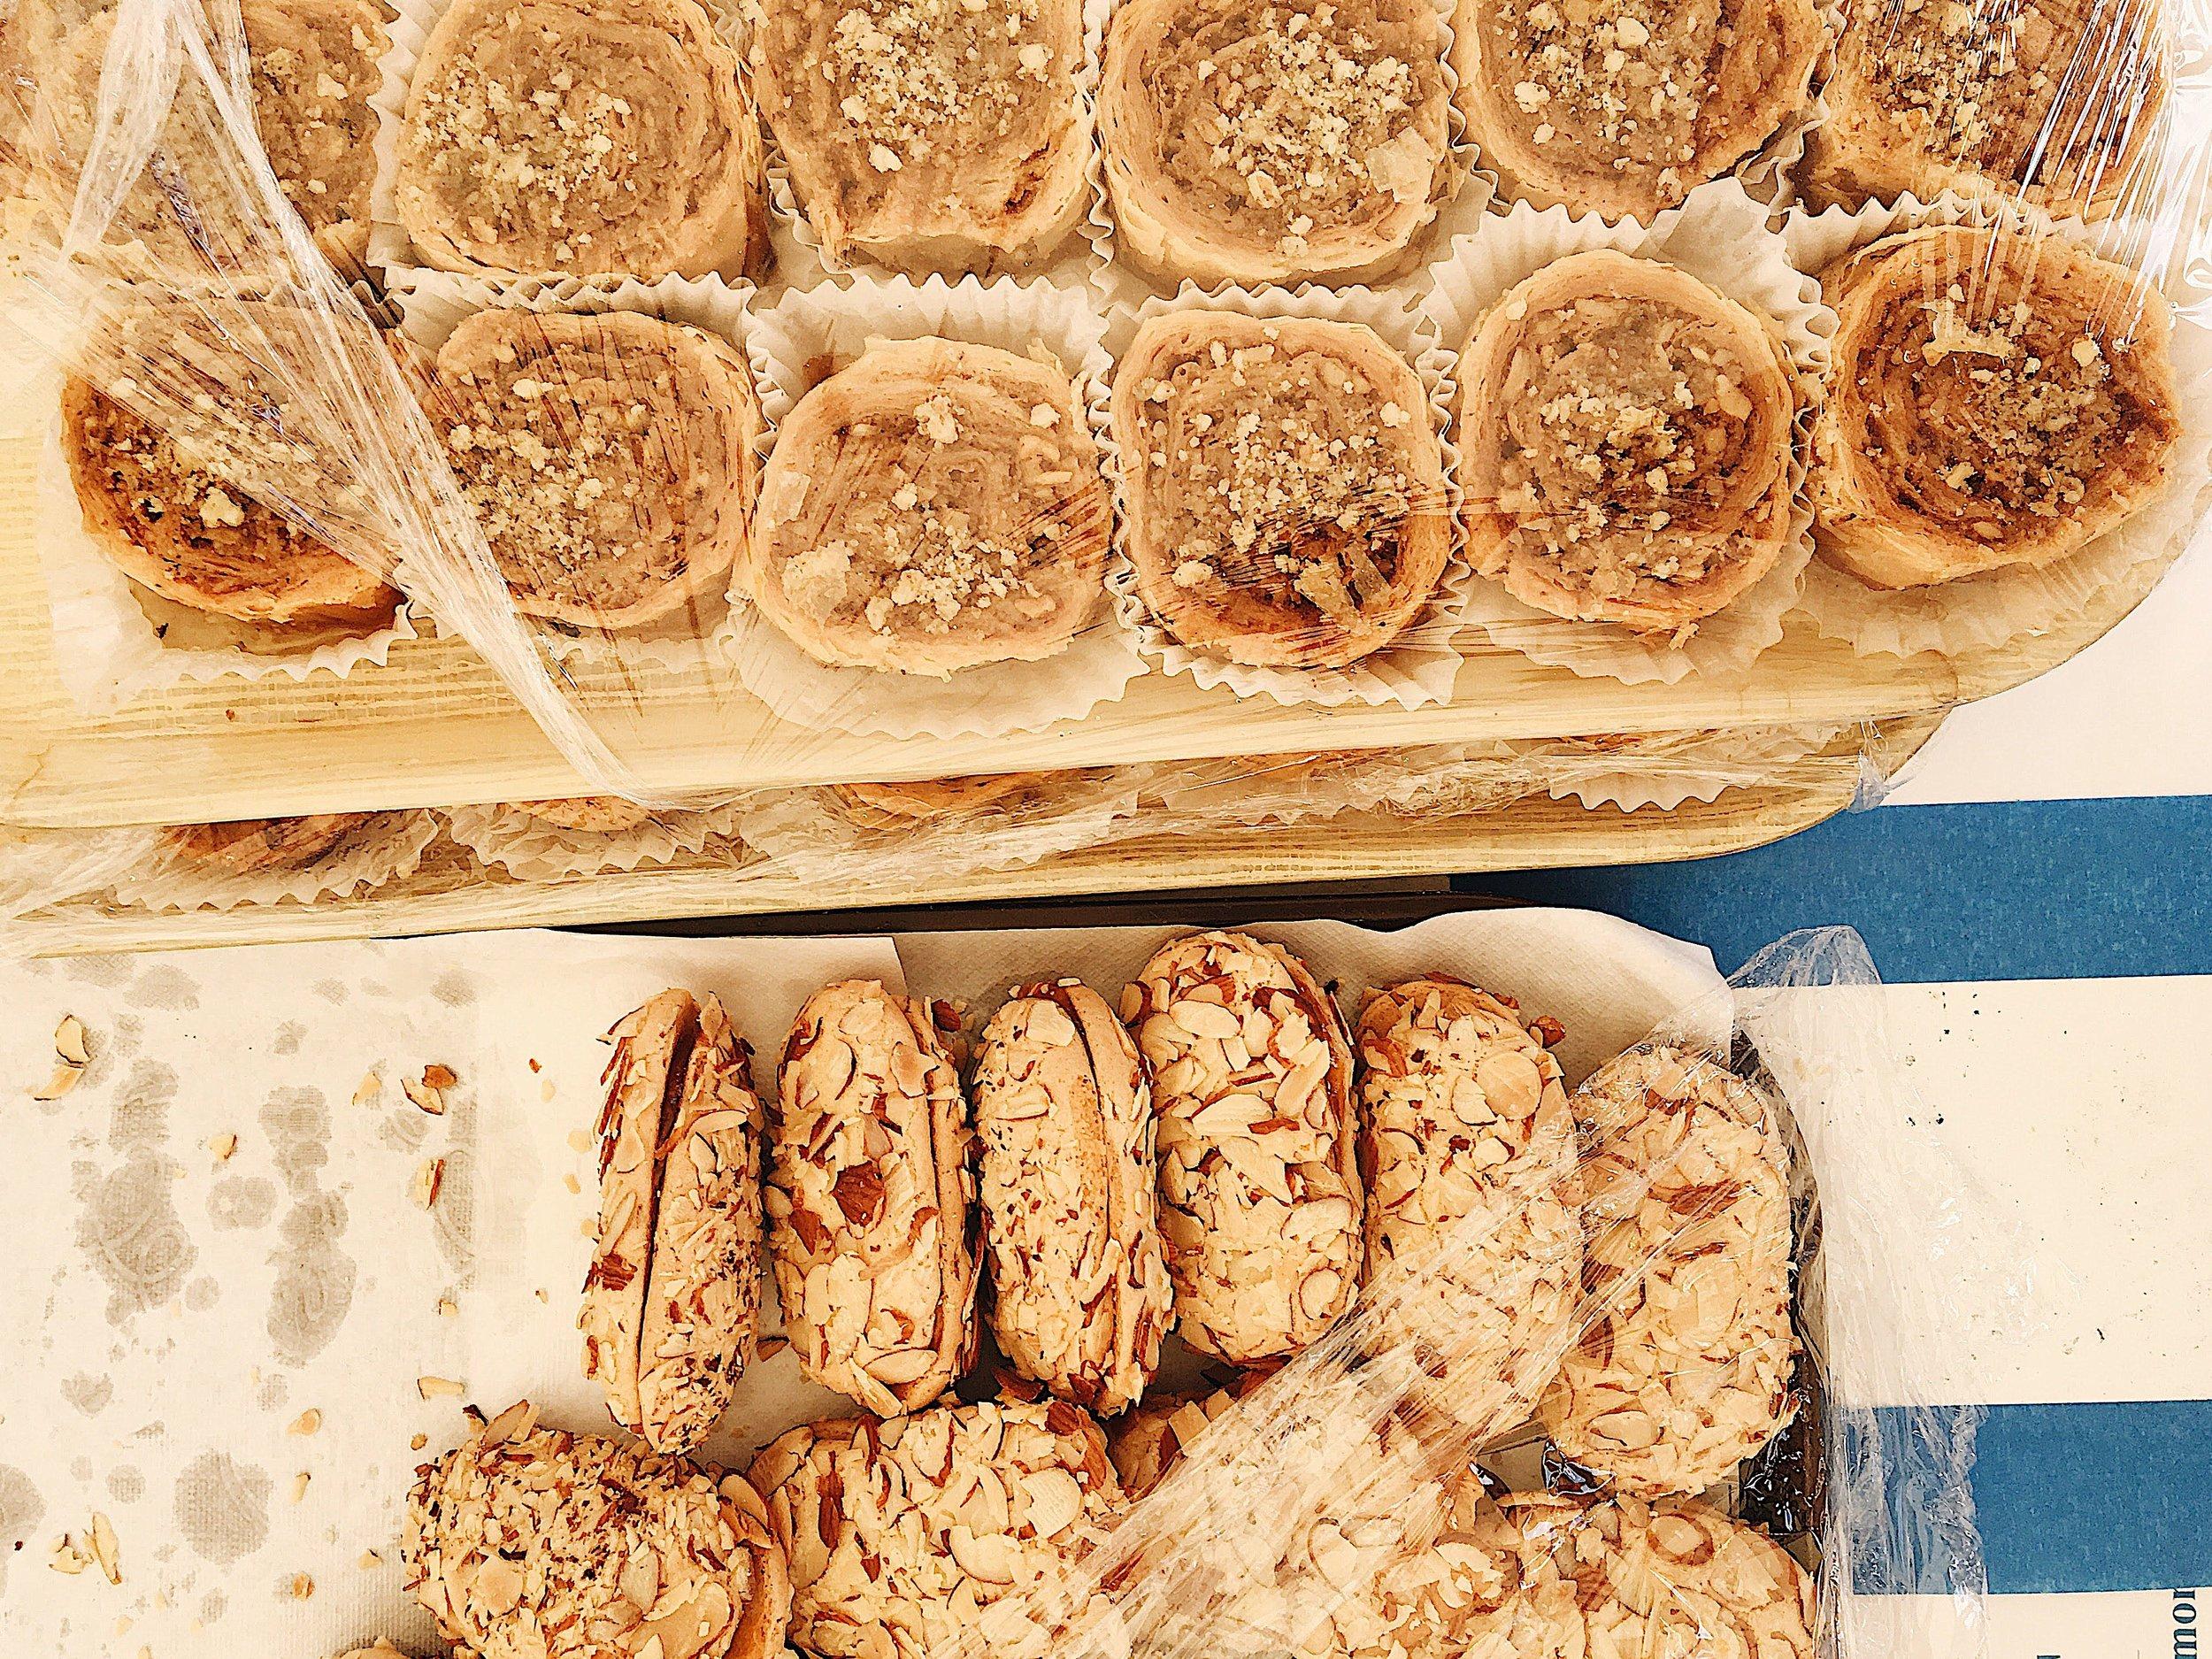 Greek sweets, photo by Stephanie Ganz